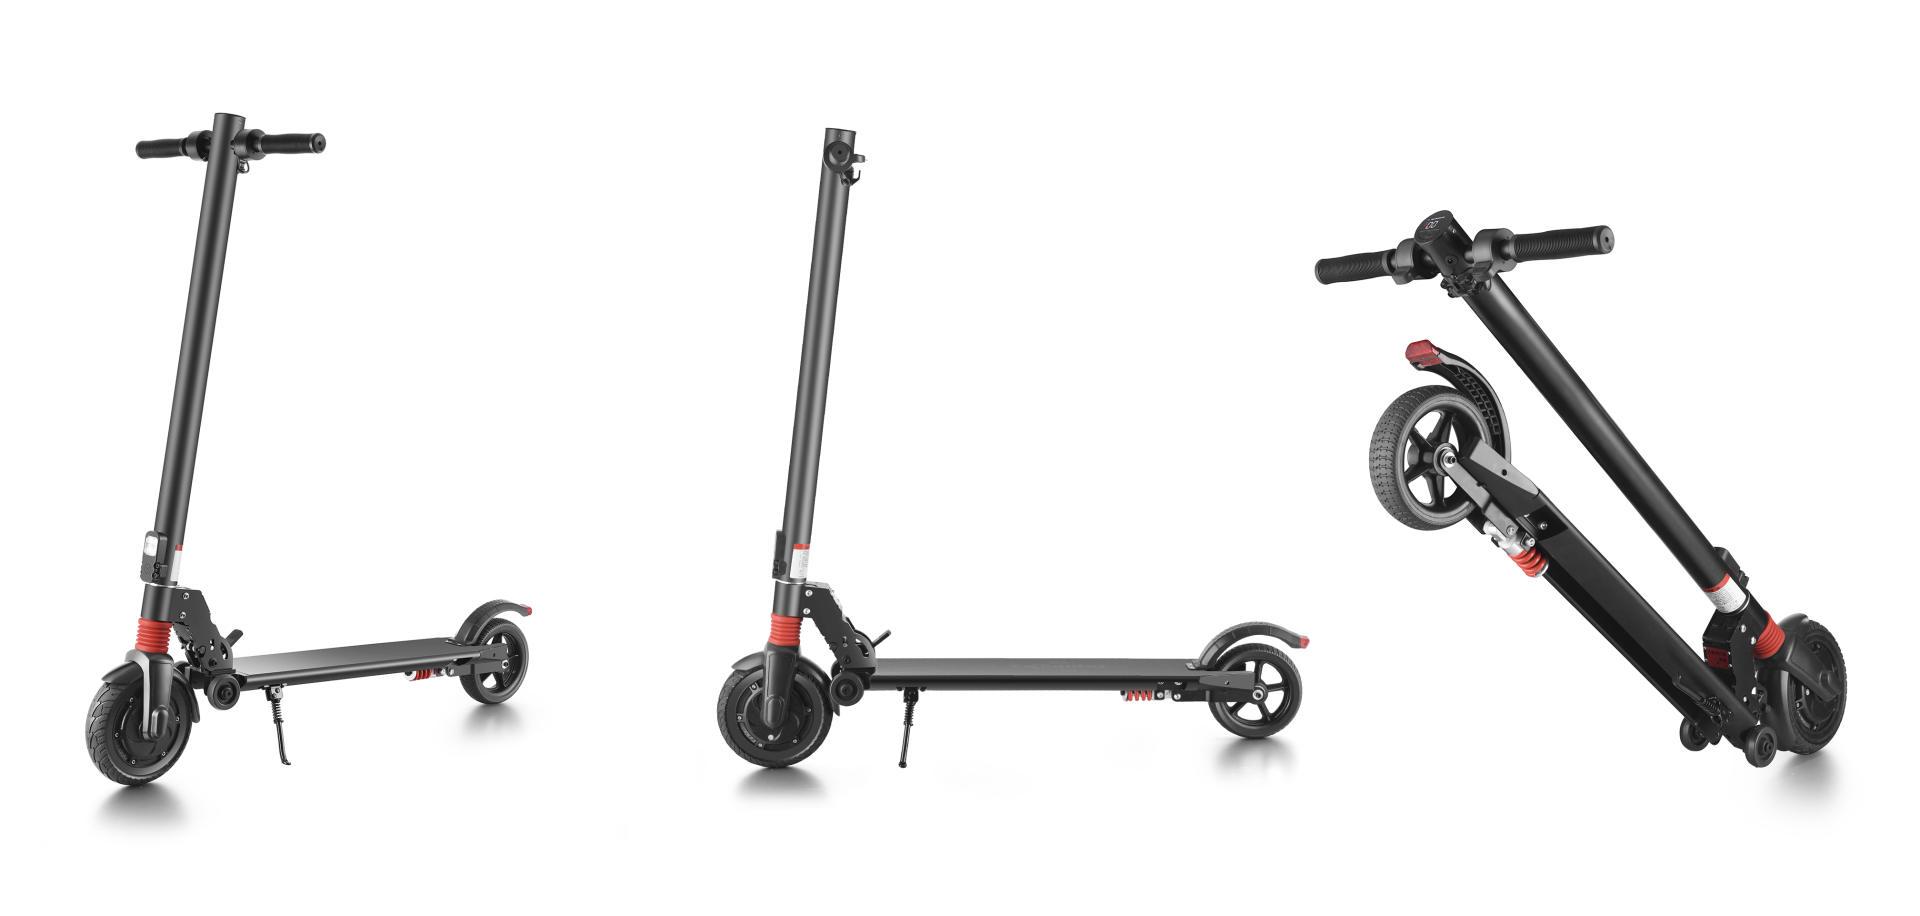 悦步科技,专业提供平衡车、滑板车生产与代工-唯轮网